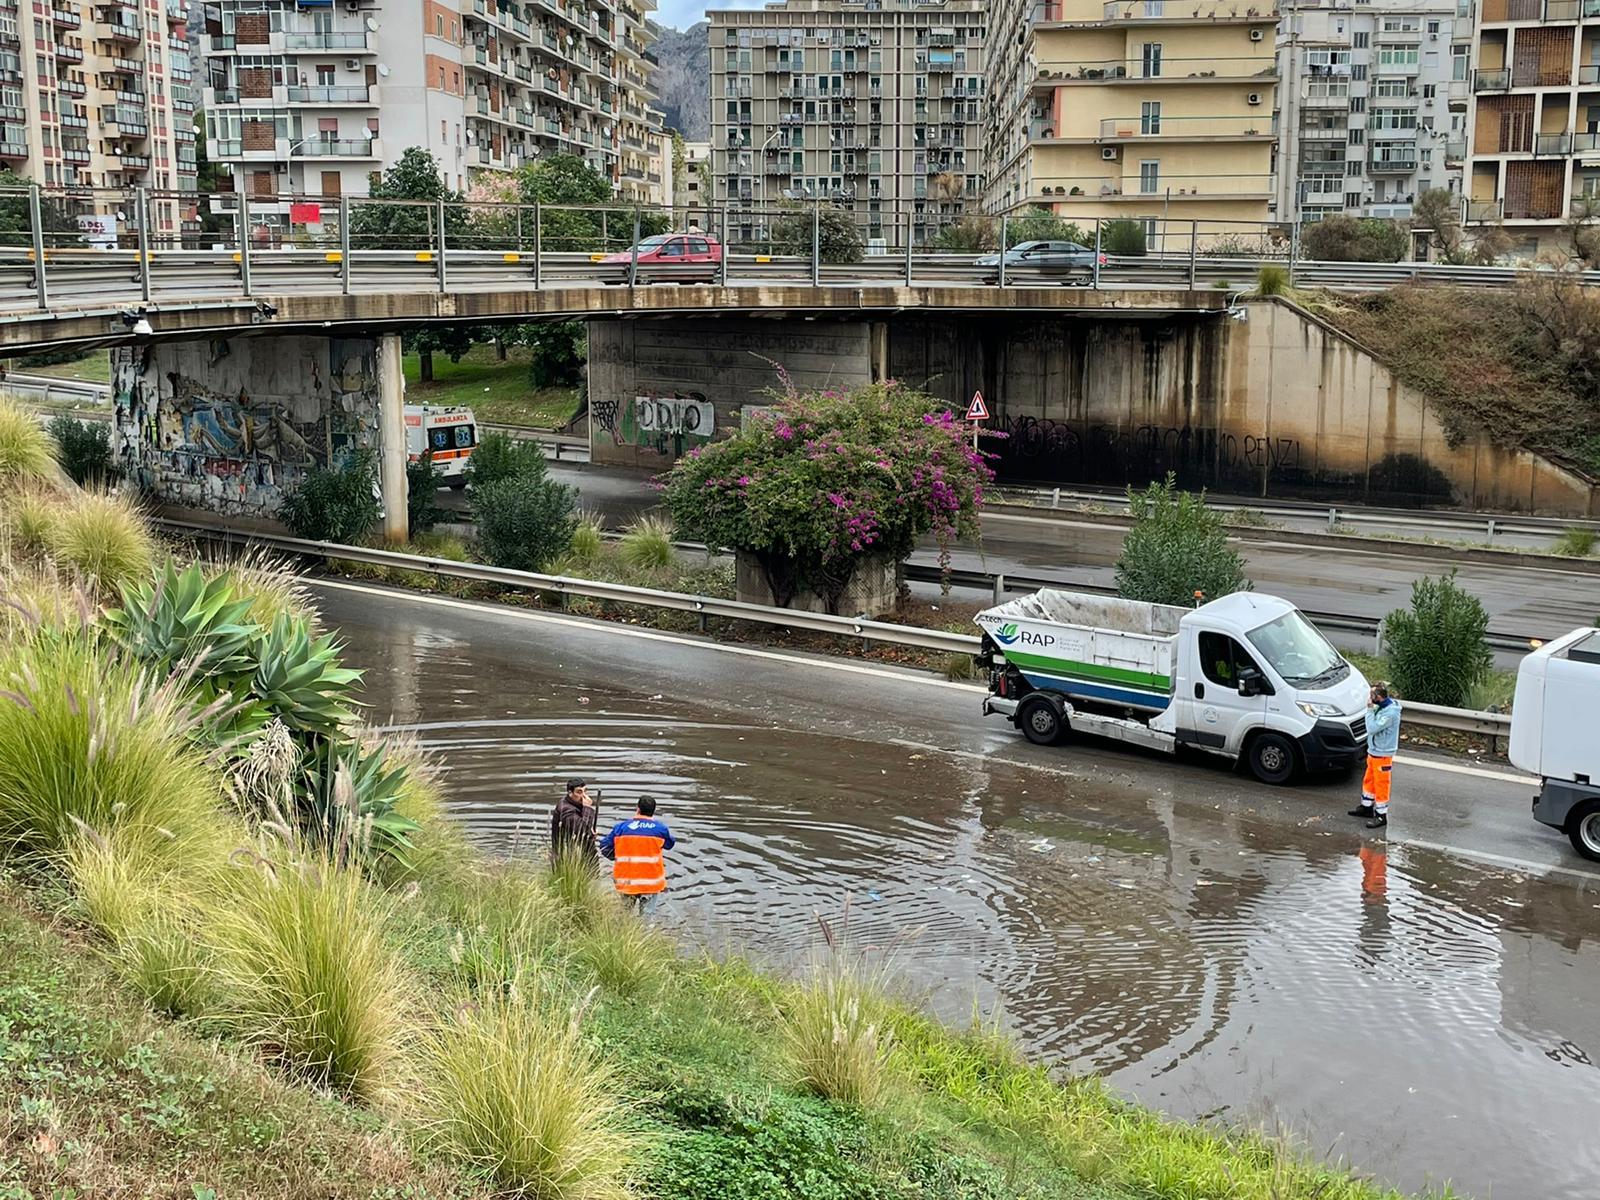 Maltempo A Palermo Allagamenti In Tutta La Citta Chiuso E Riaperto Il Sottopasso Di Viale Lazio Giornale Di Sicilia